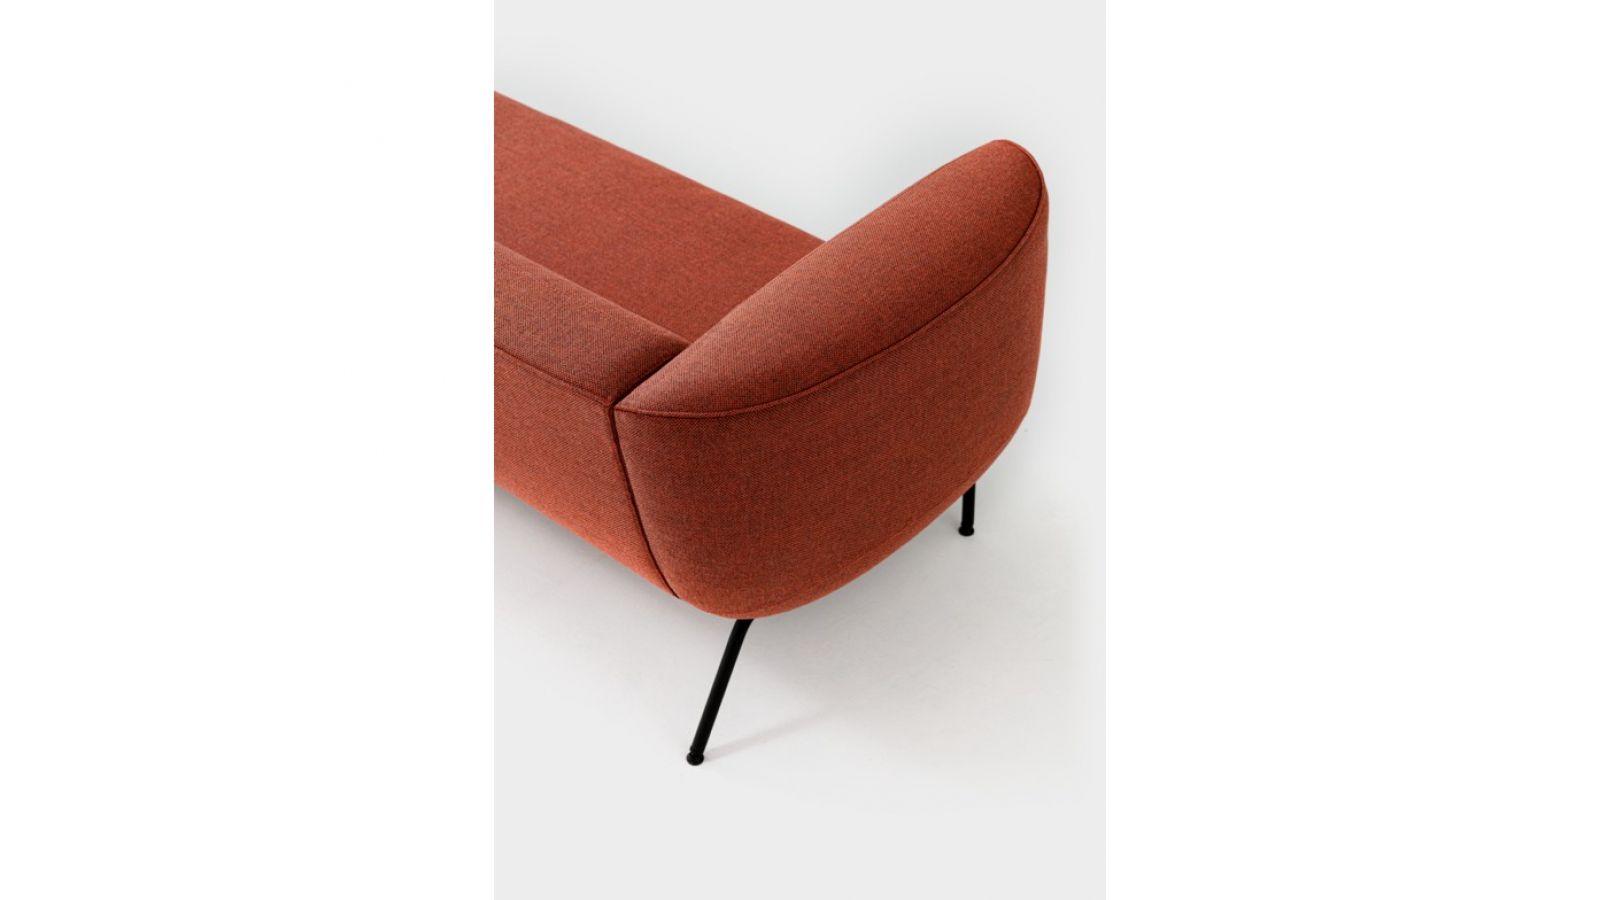 Couchette  |  La Cividina  |  design by LucidiPevere